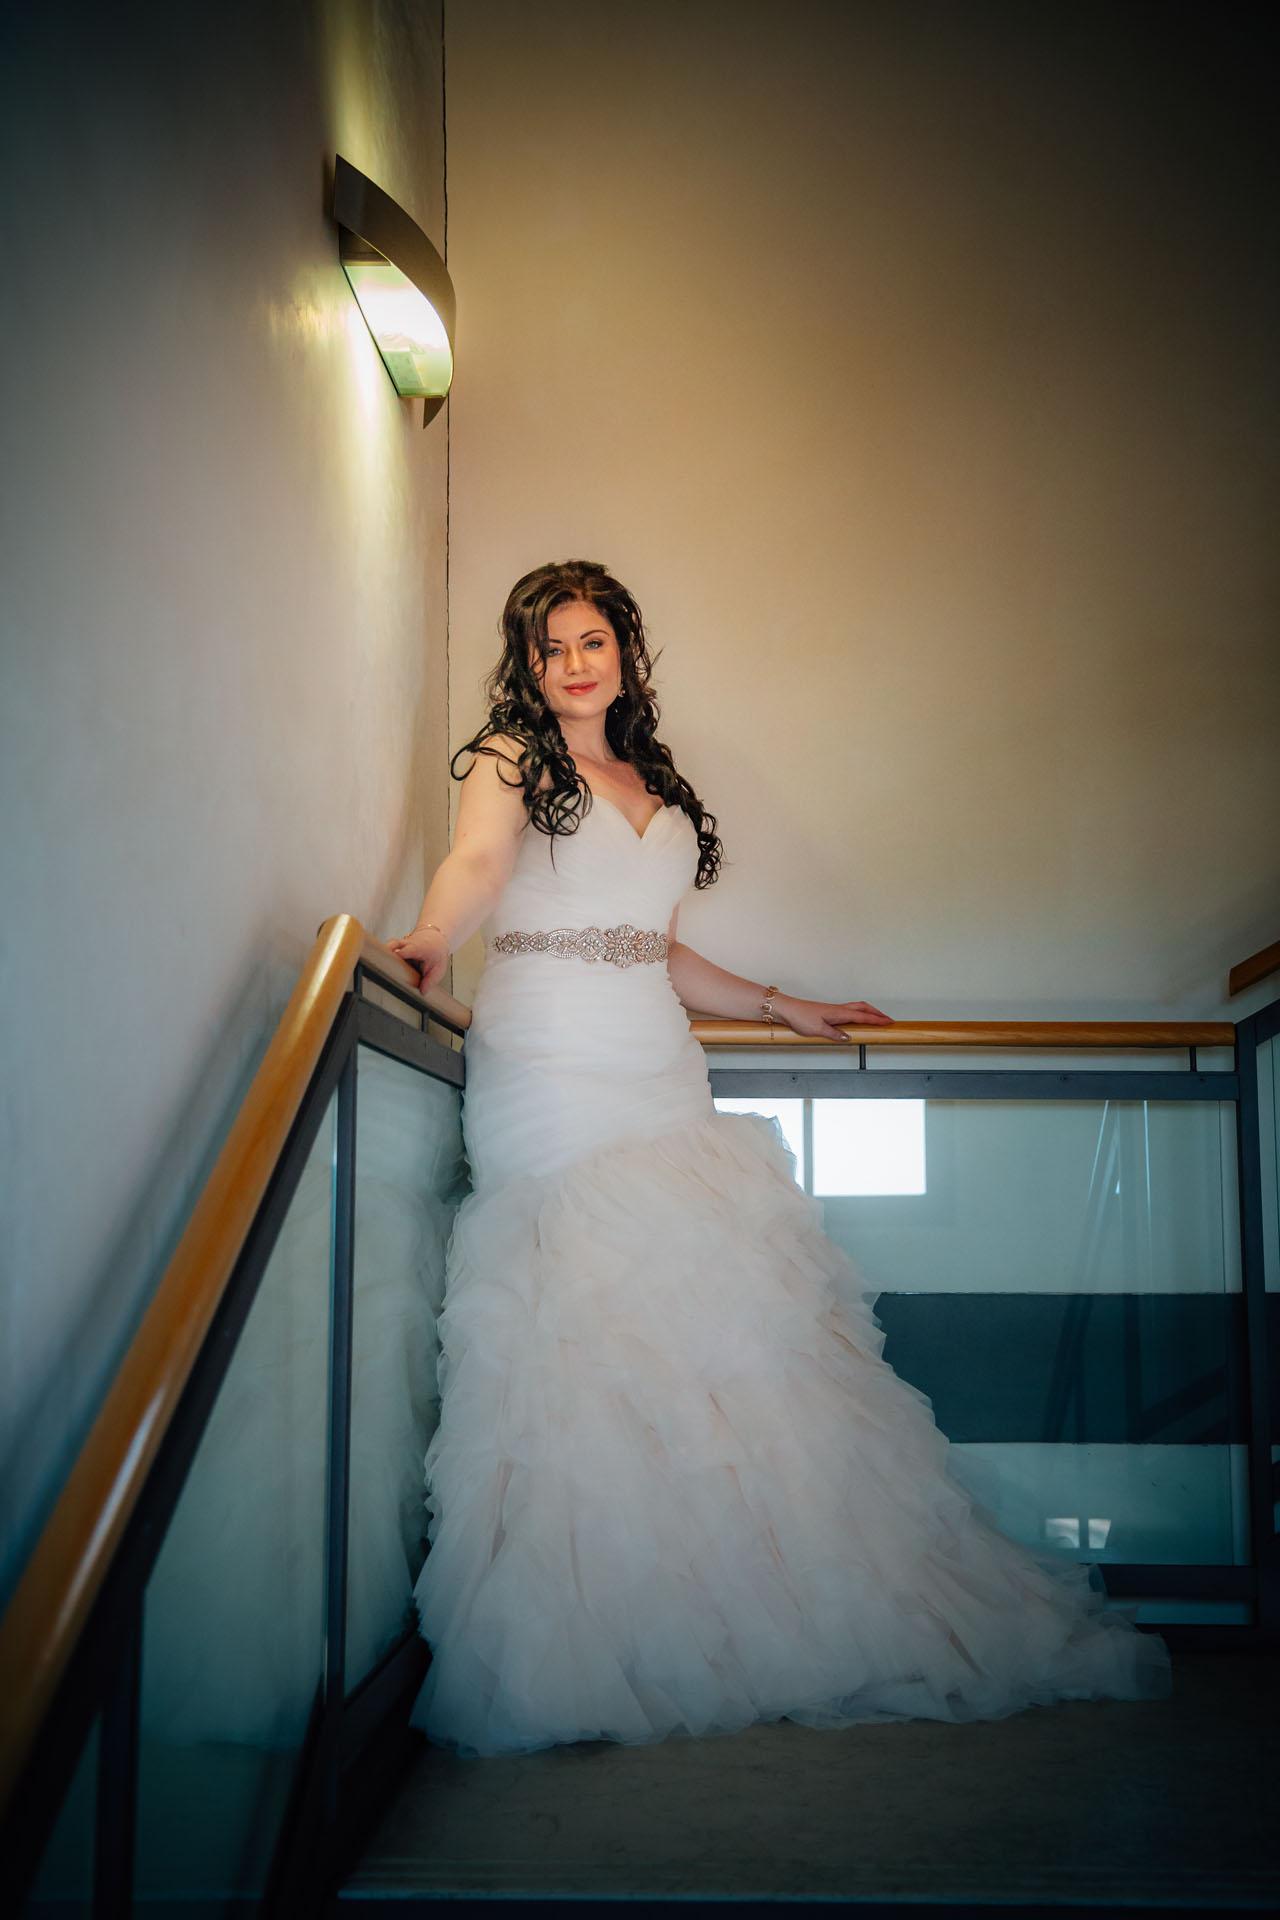 Jessica-Jason-La-Sposa-Weddingdestination-Storytelling-Renato-Zanette-Fotografo-Convento-San-Francesco-Conegliano-Treviso-Veneto